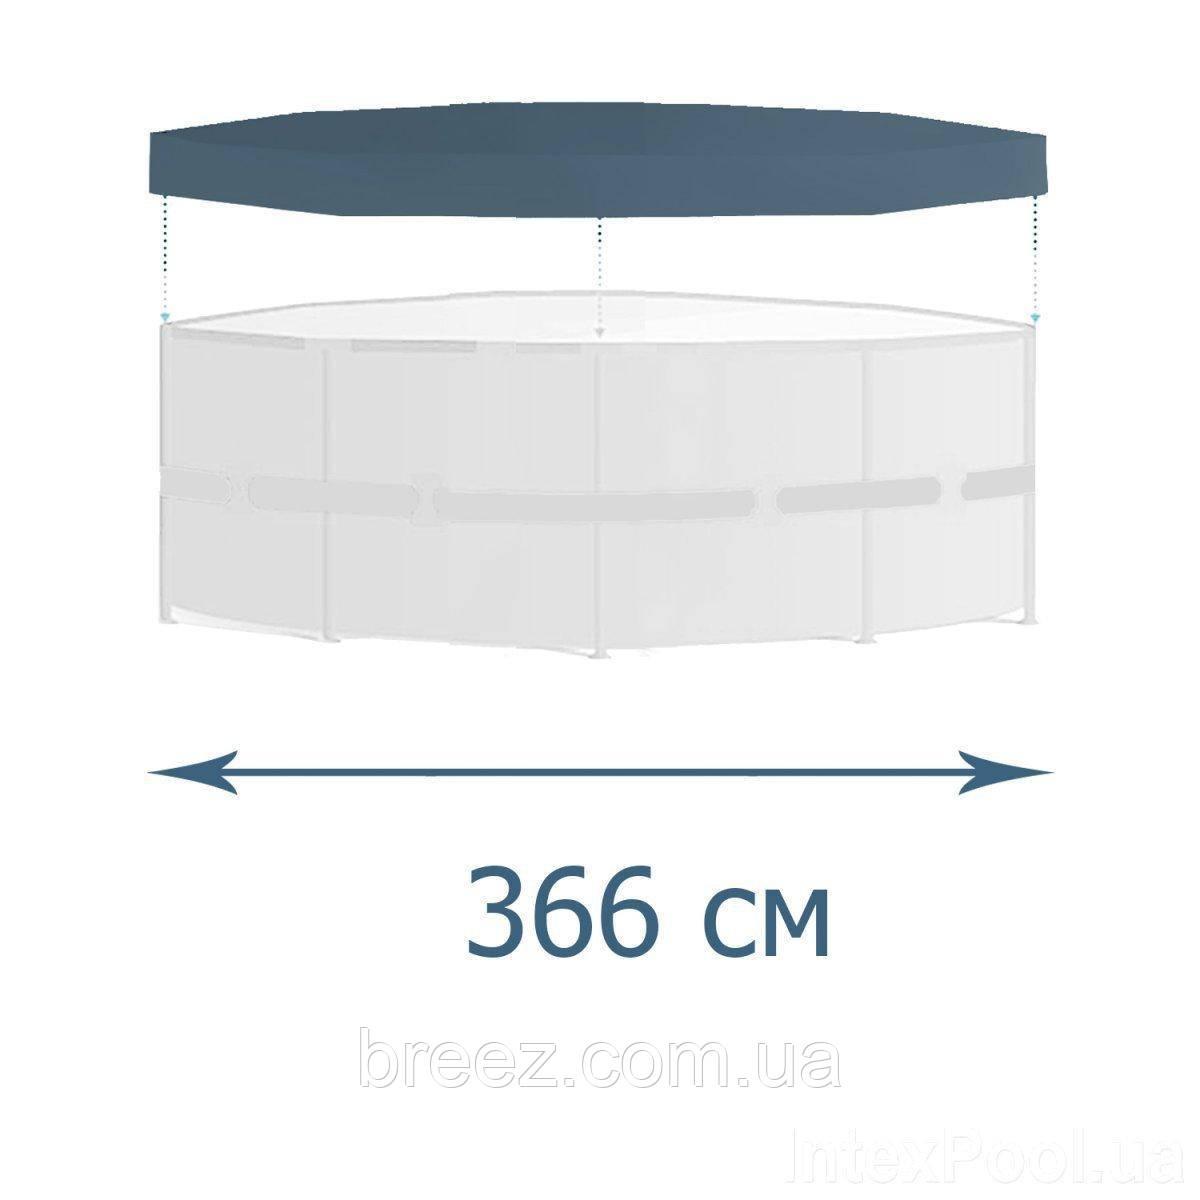 Тент чехол для каркасного бассейна Intex 28031 366 см